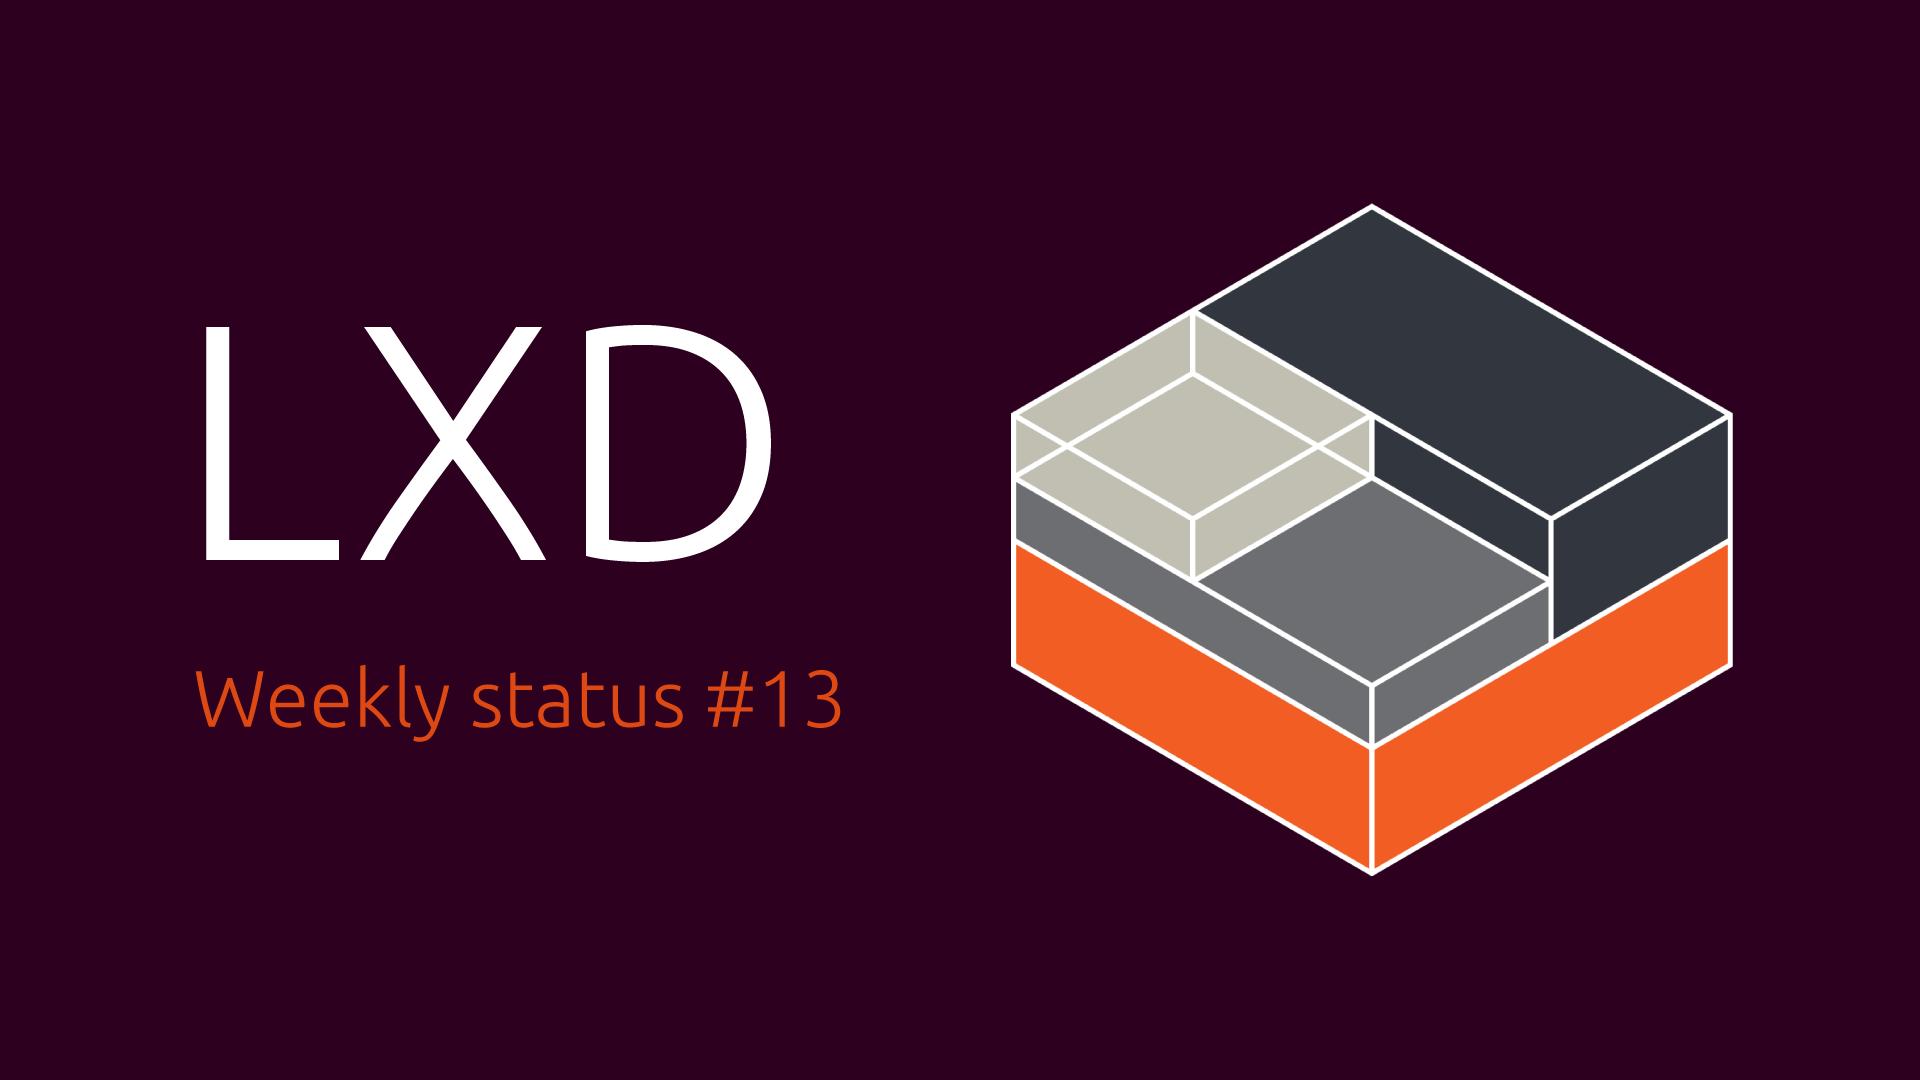 LXD Weekly Status 13